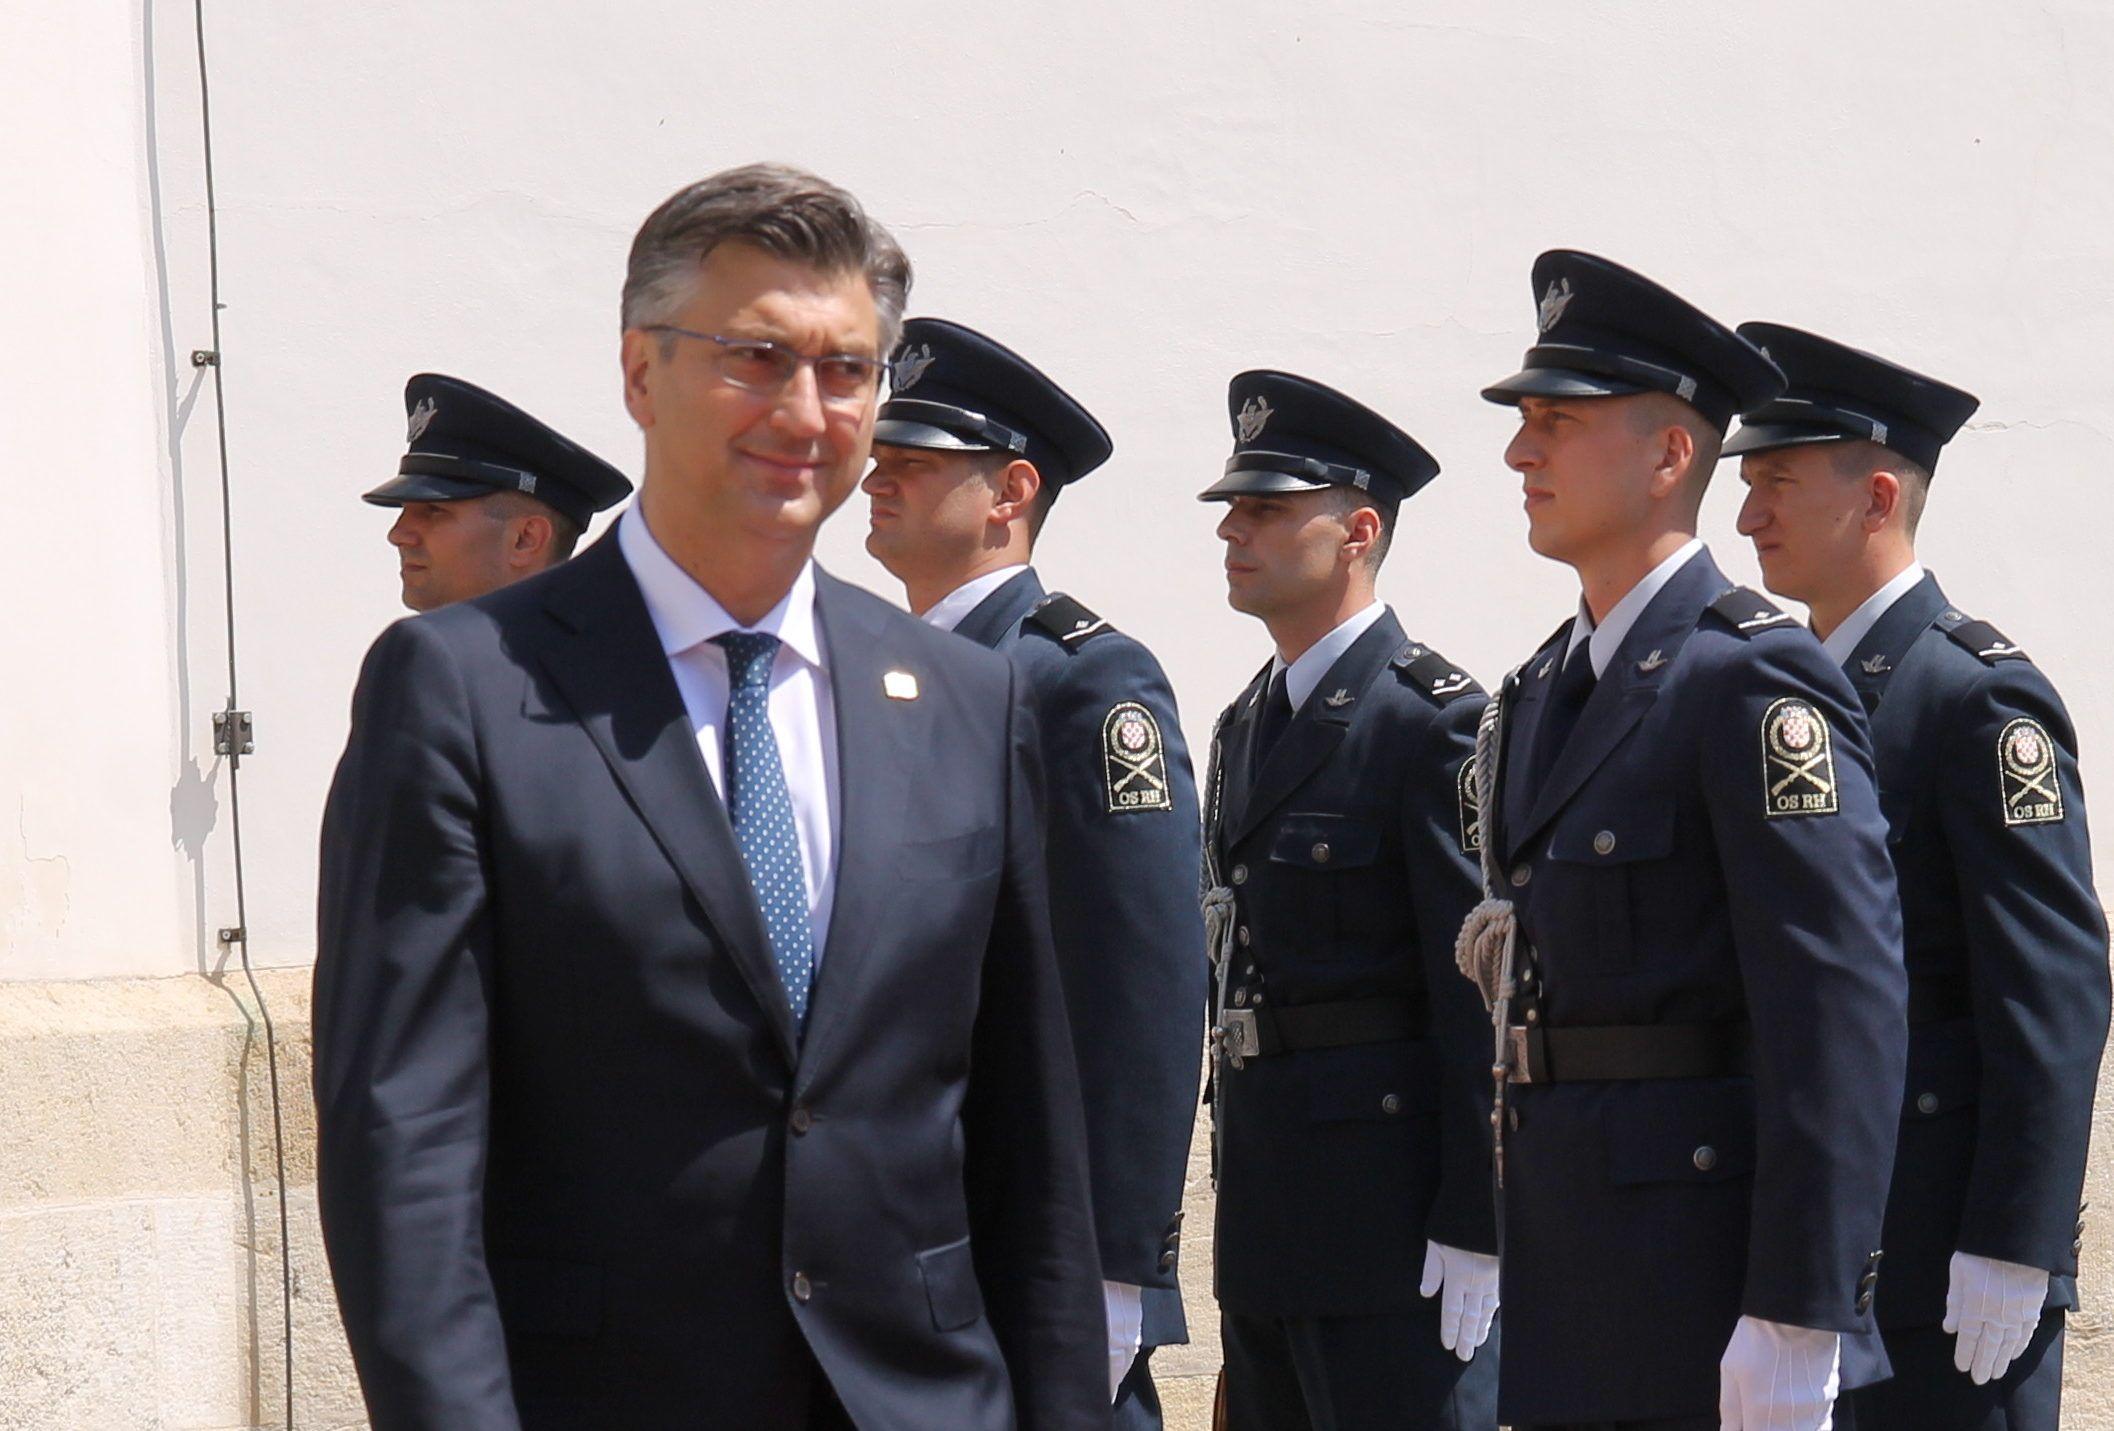 Plenković: Iz odluke Ustavnog suda ne proizlazi obveza dvojezičnih ploča u Vukovaru